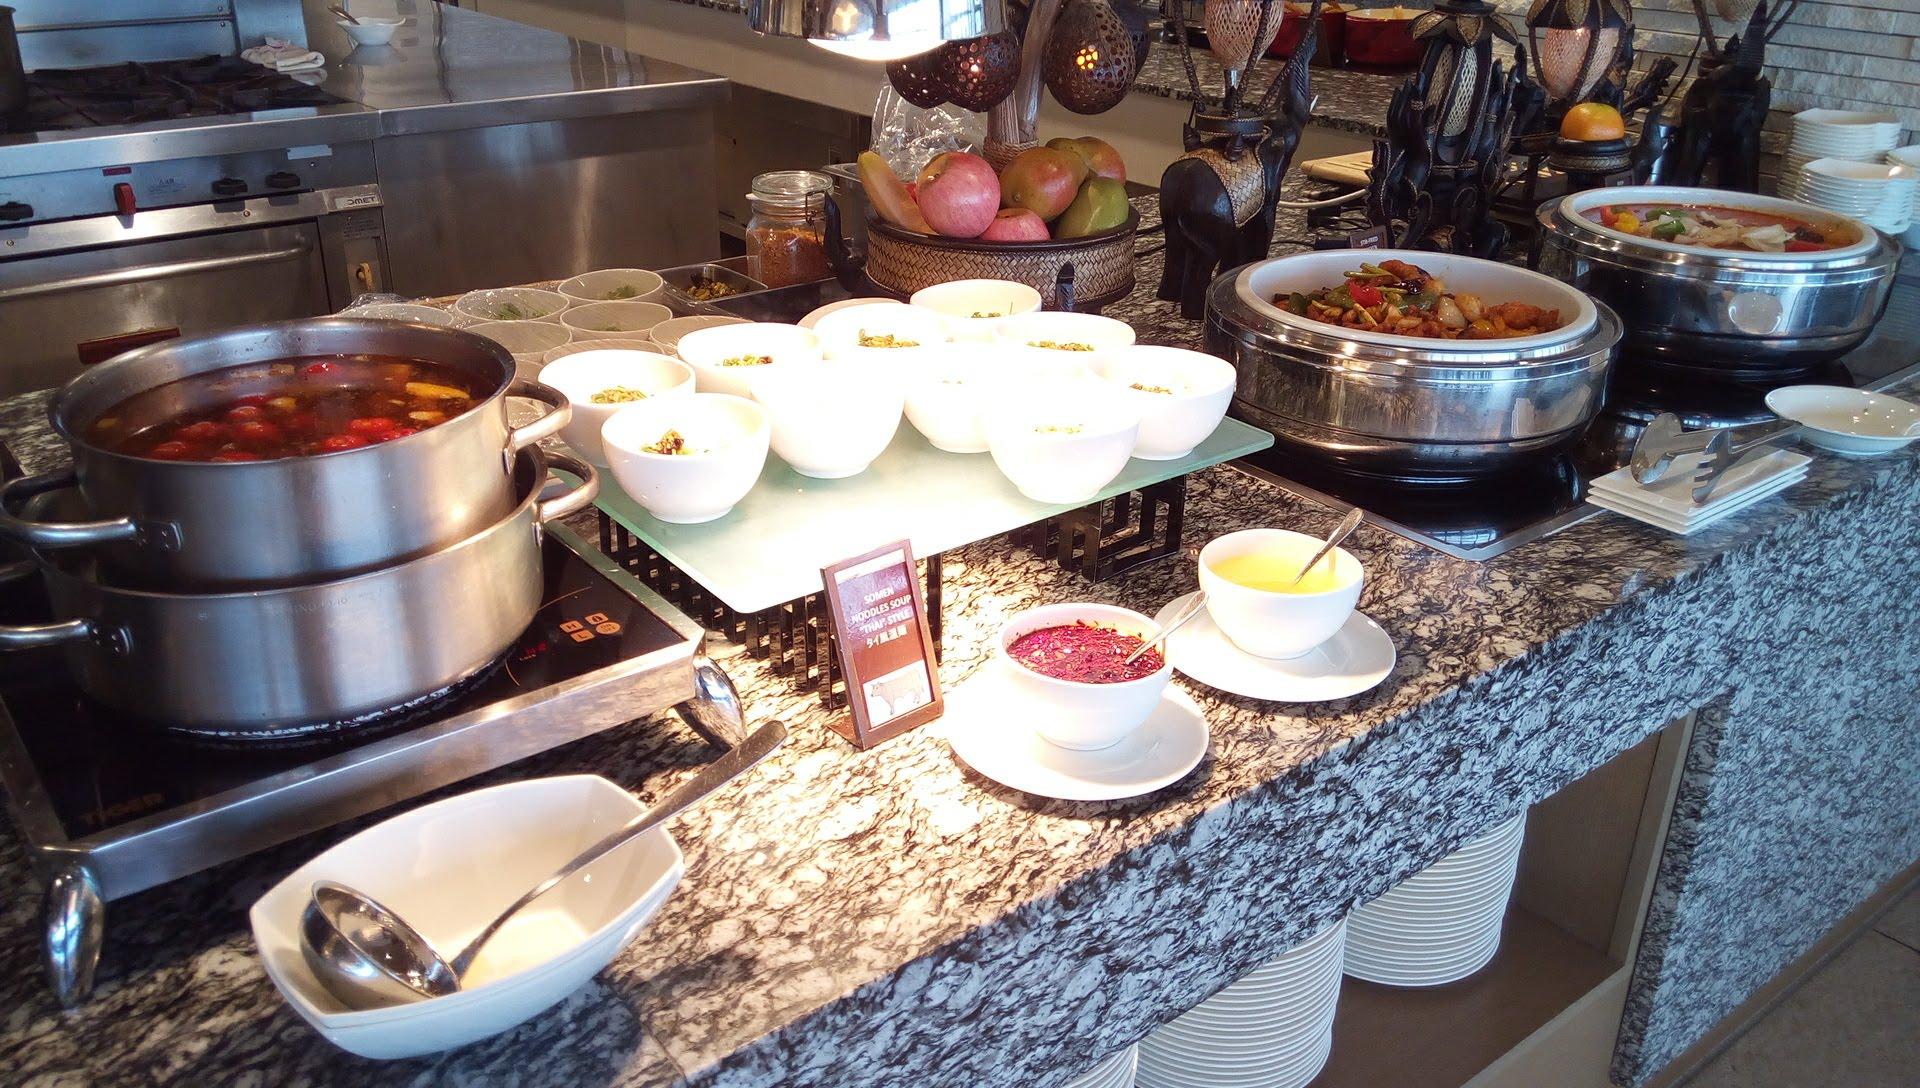 SURIYUNでの食べ放題の料理